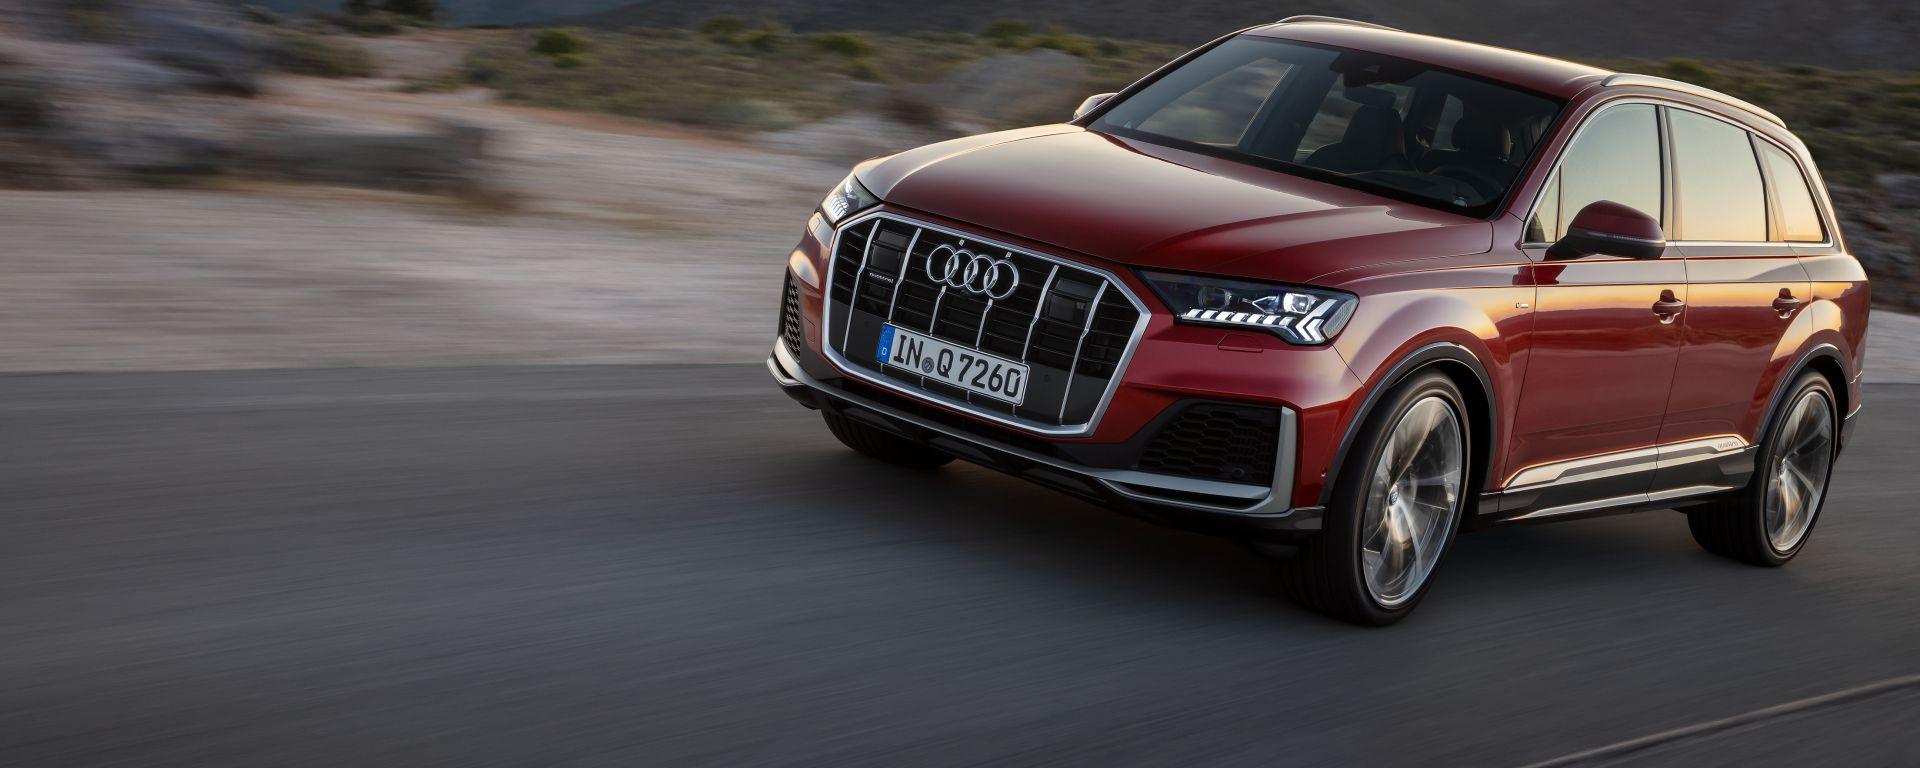 Audi Q7: al volante del maxi SUV più lussuoso di Ingolstadt